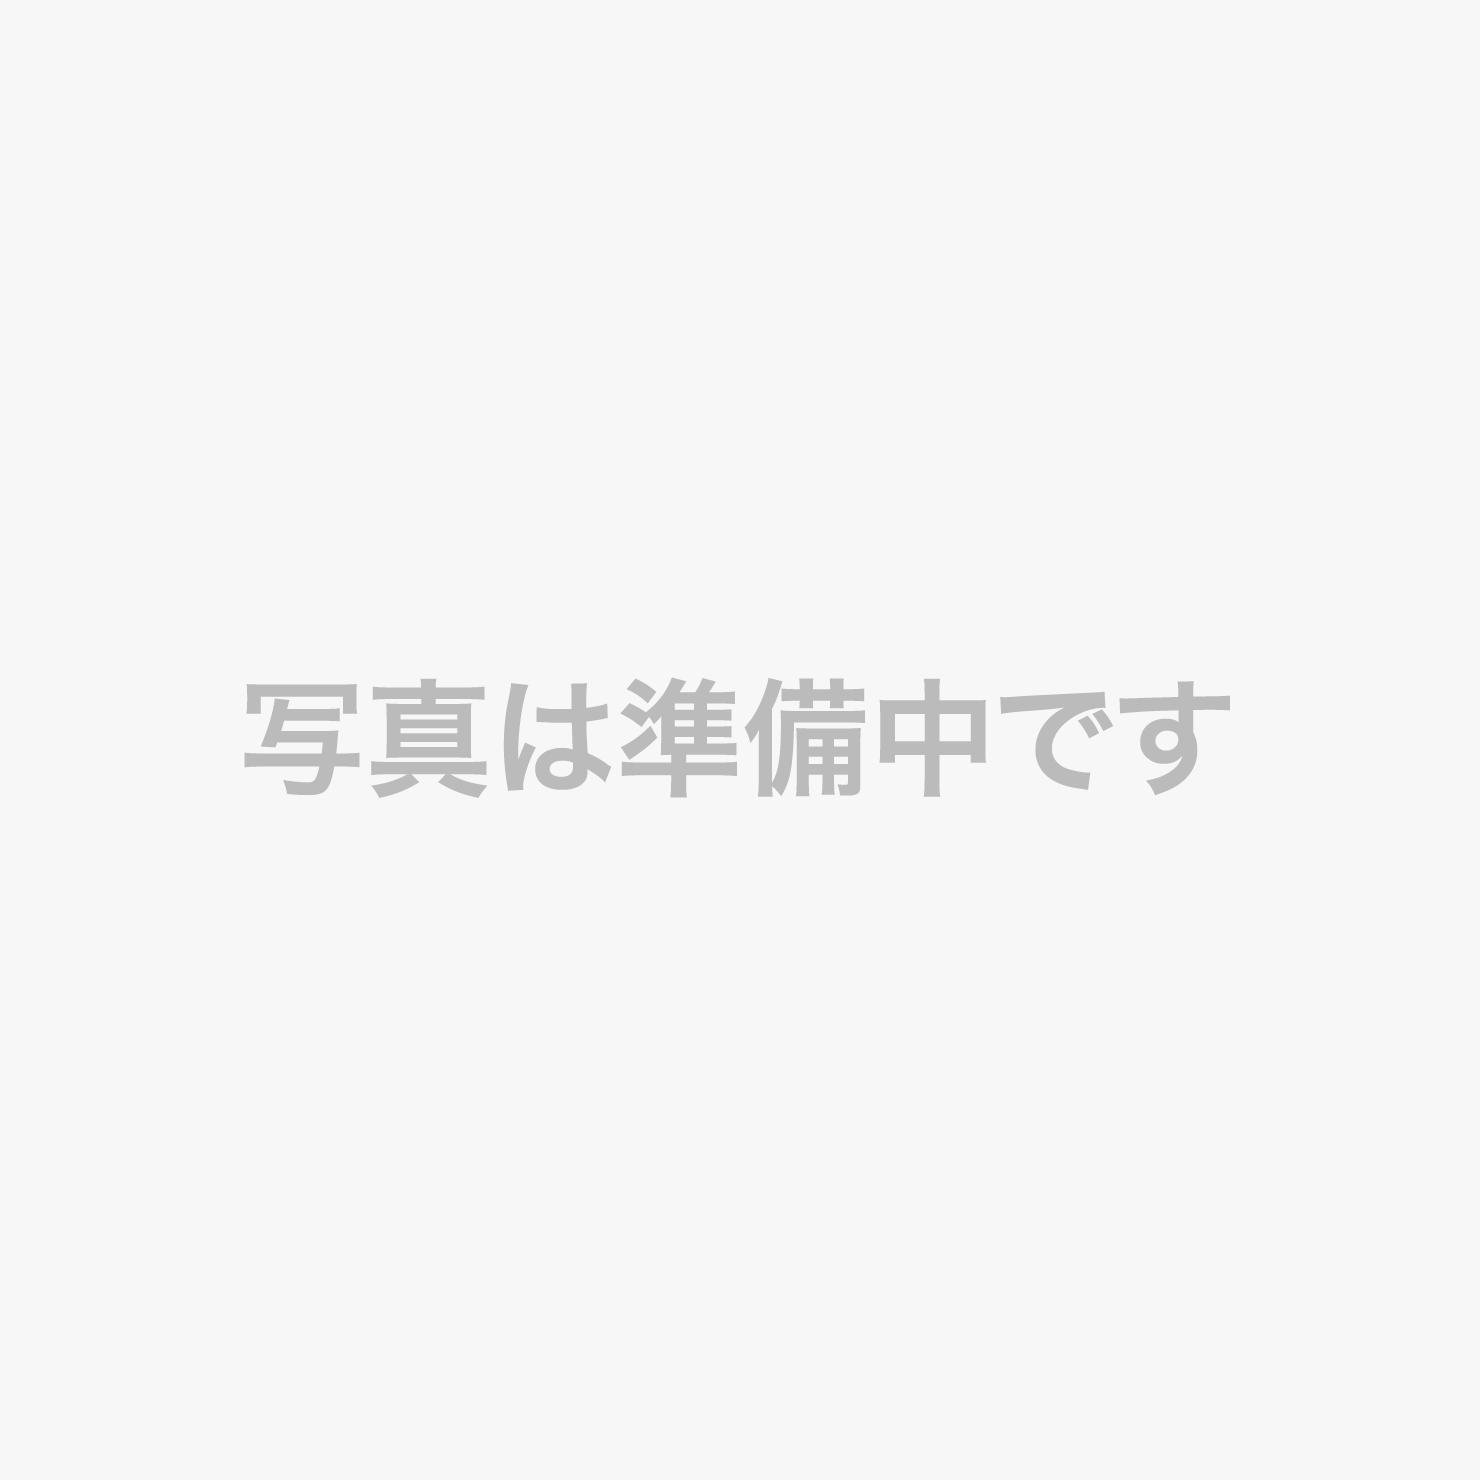 【デスク】イメージ